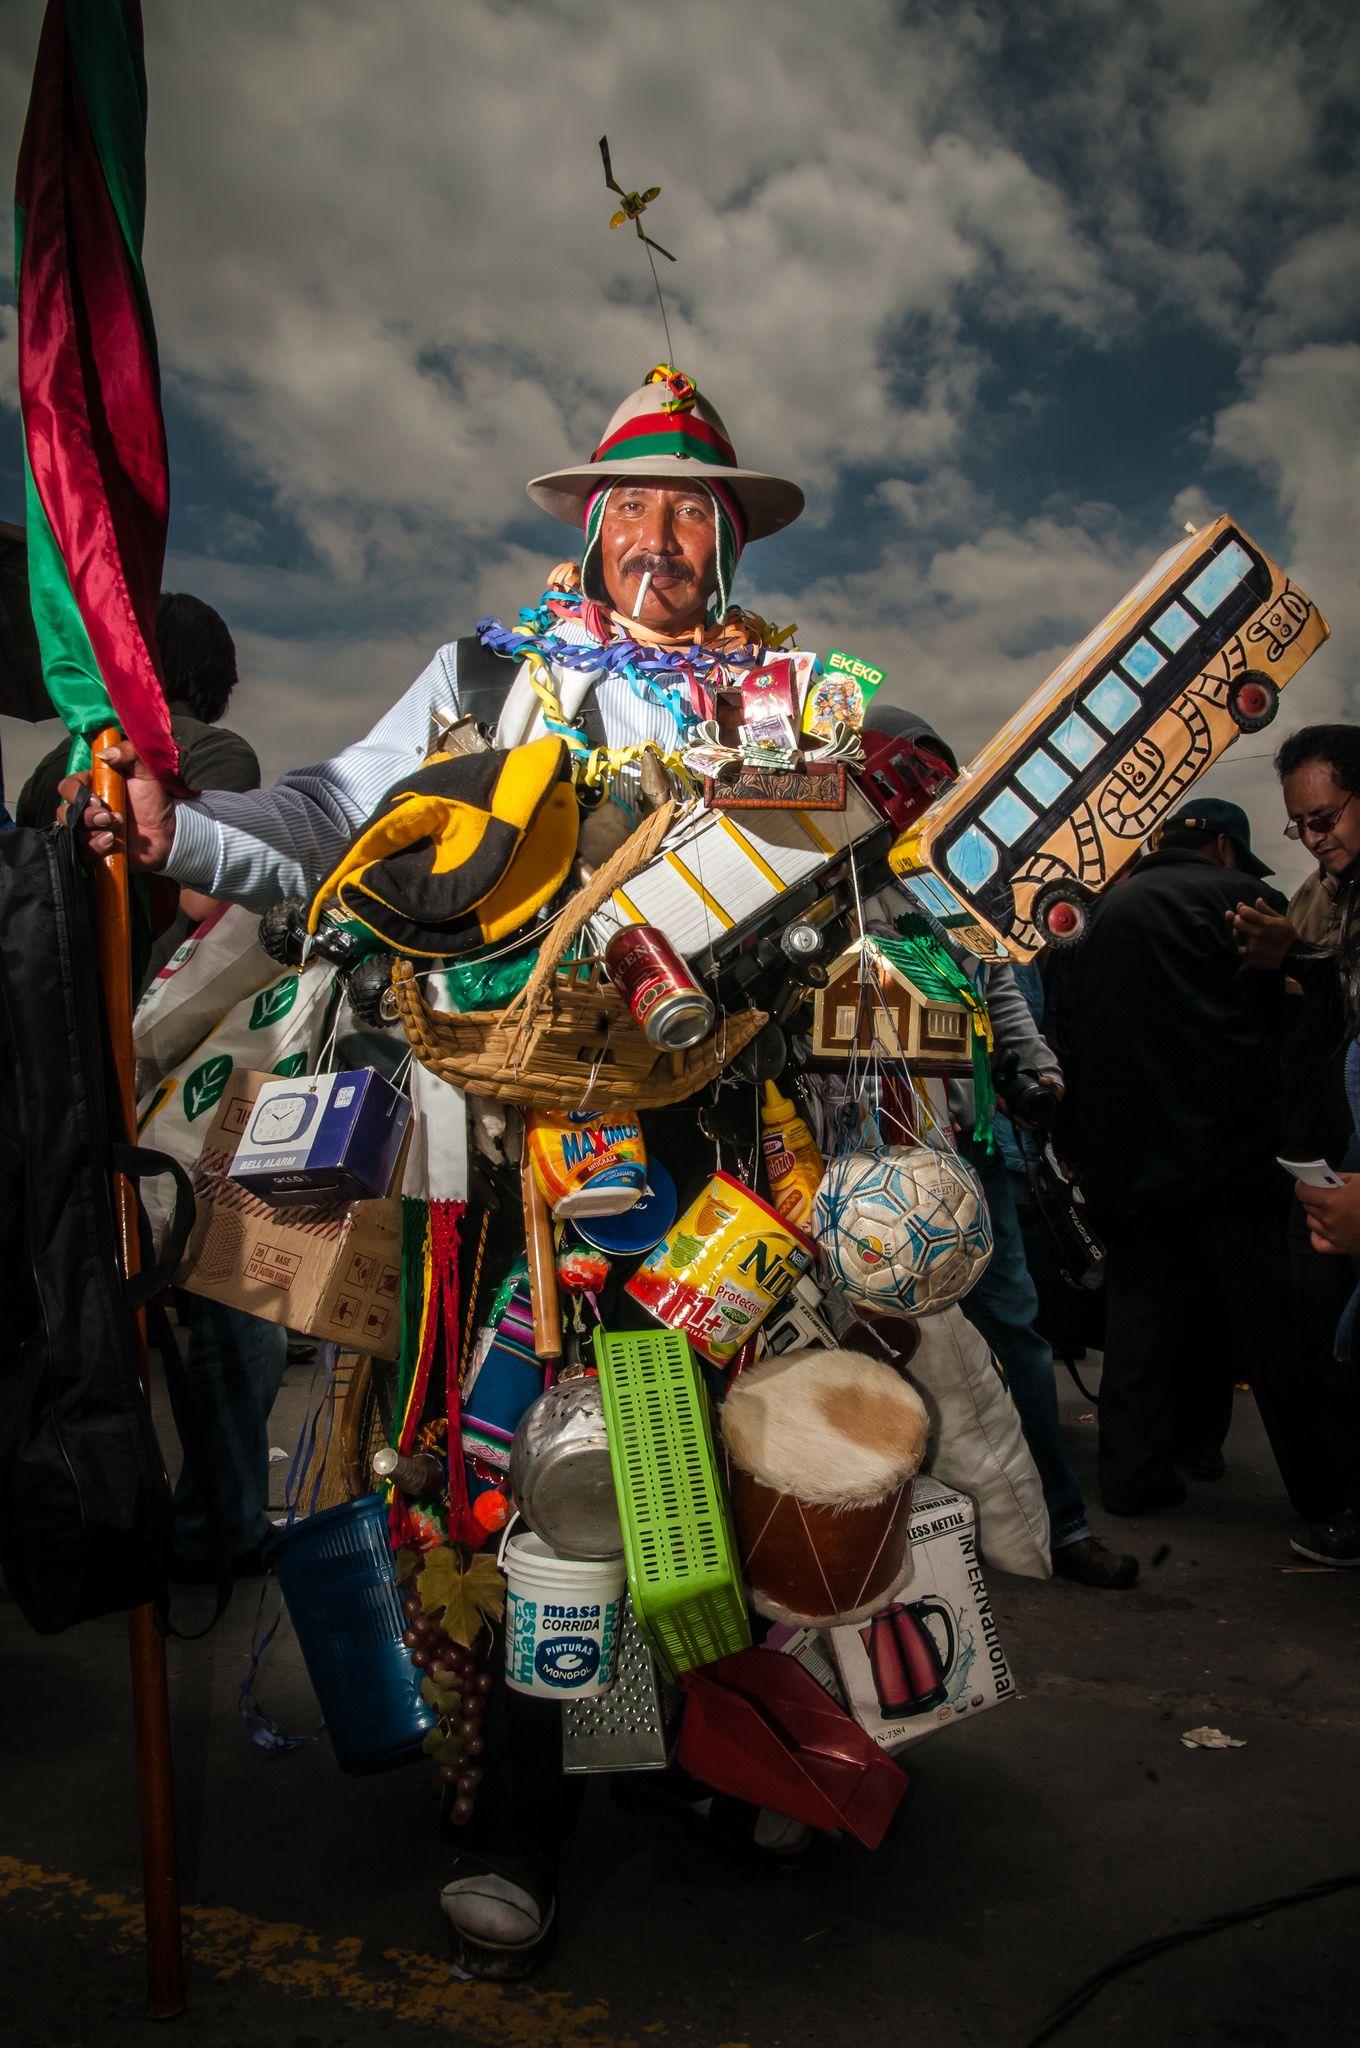 Fiesta de ekeko